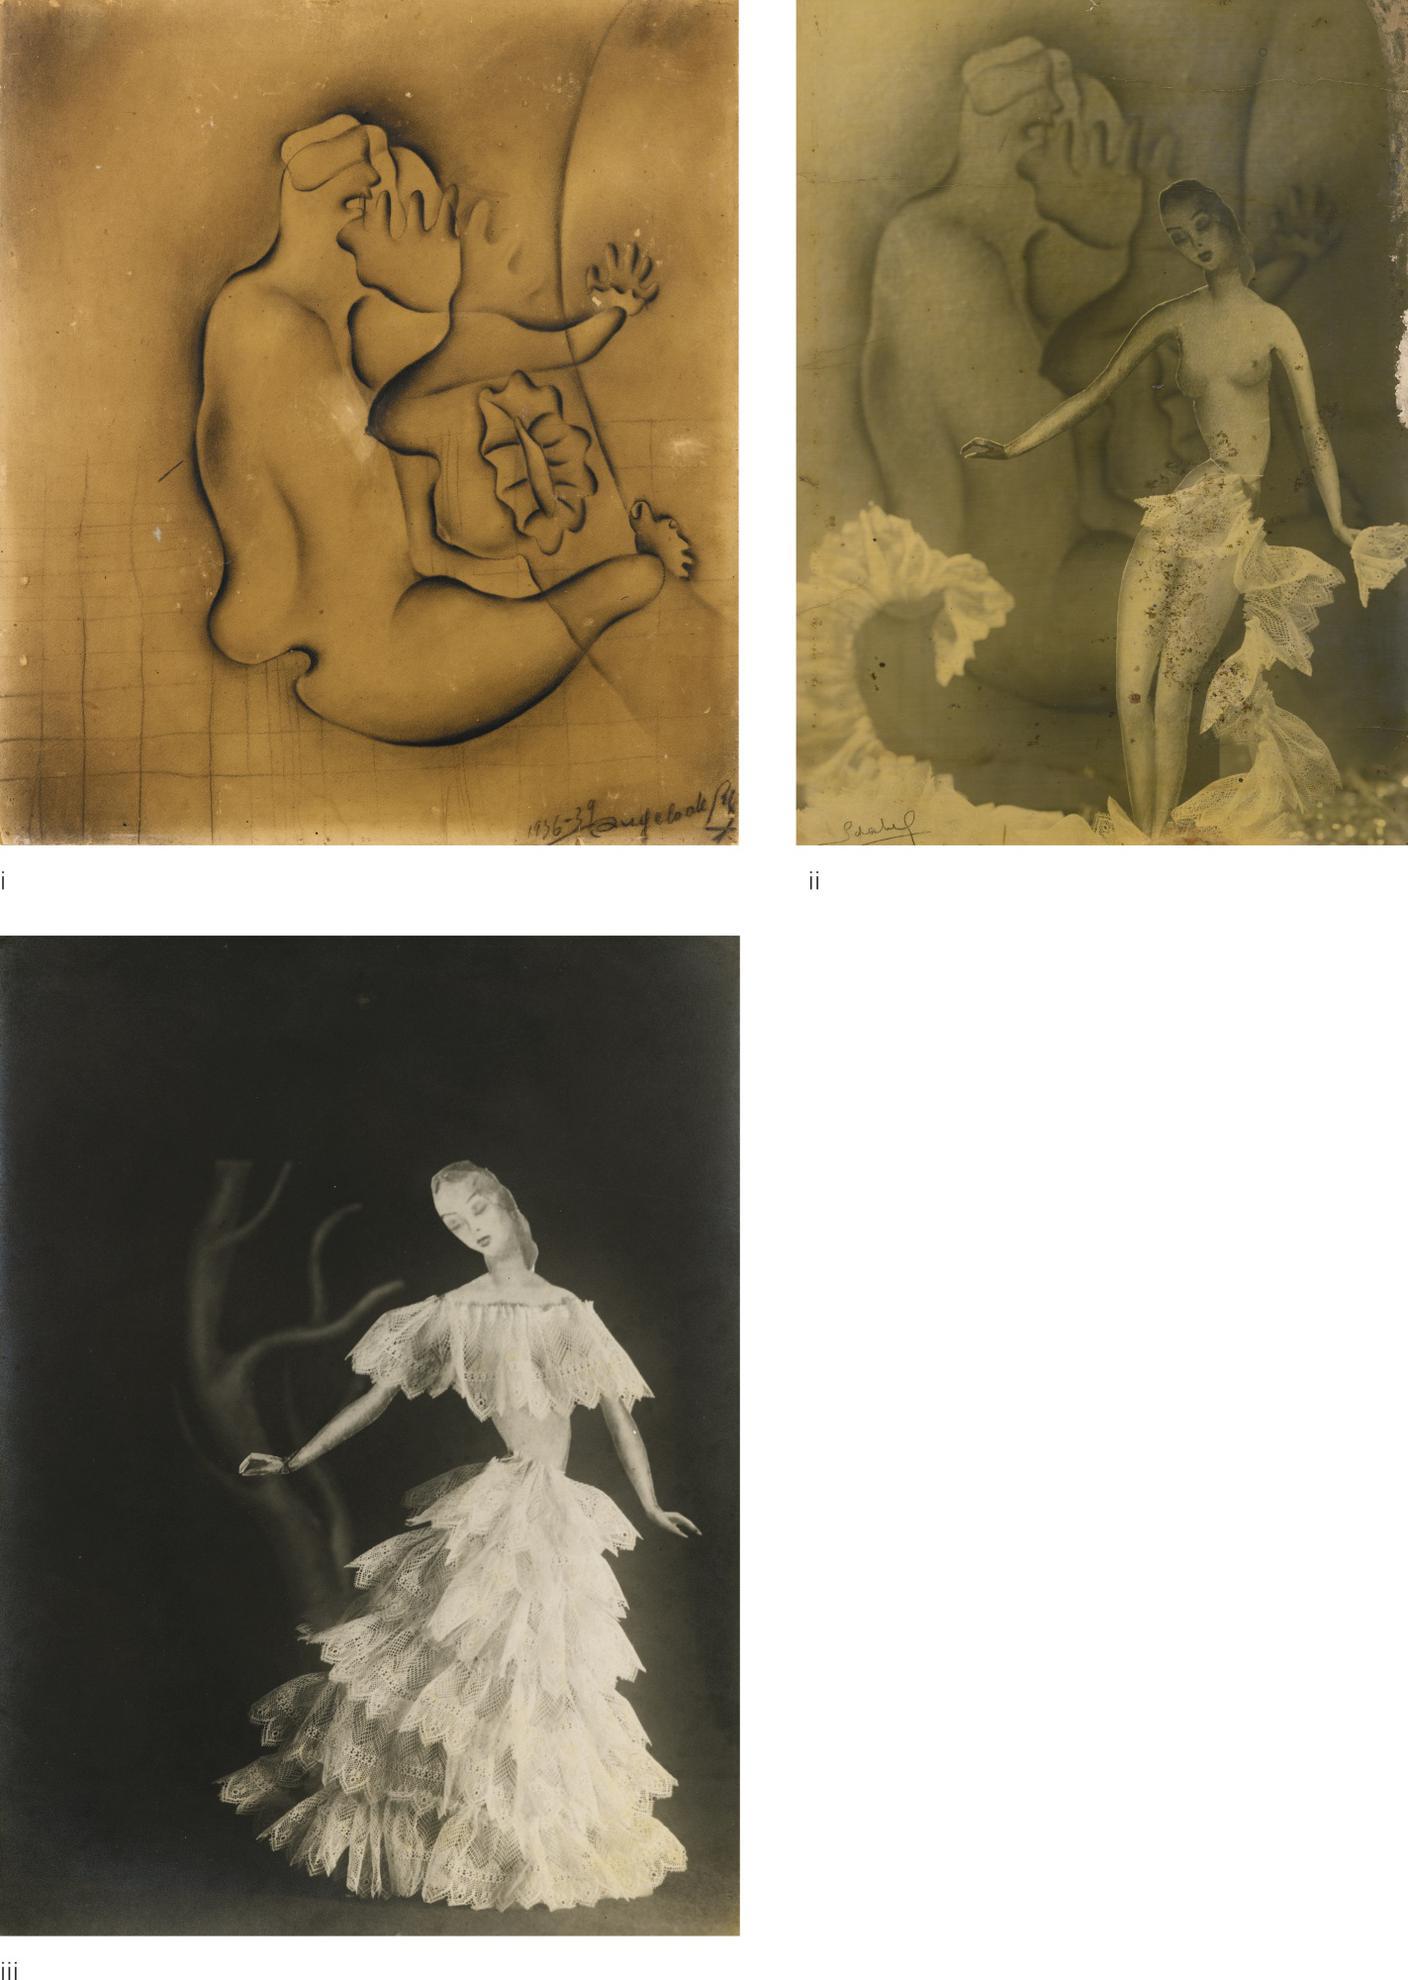 Angelo De Riz - (i) Untitled (Surrealist Study); (ii) Untitled (Surrealist Study); (iii) Untitled (Surrealist Study)-1936